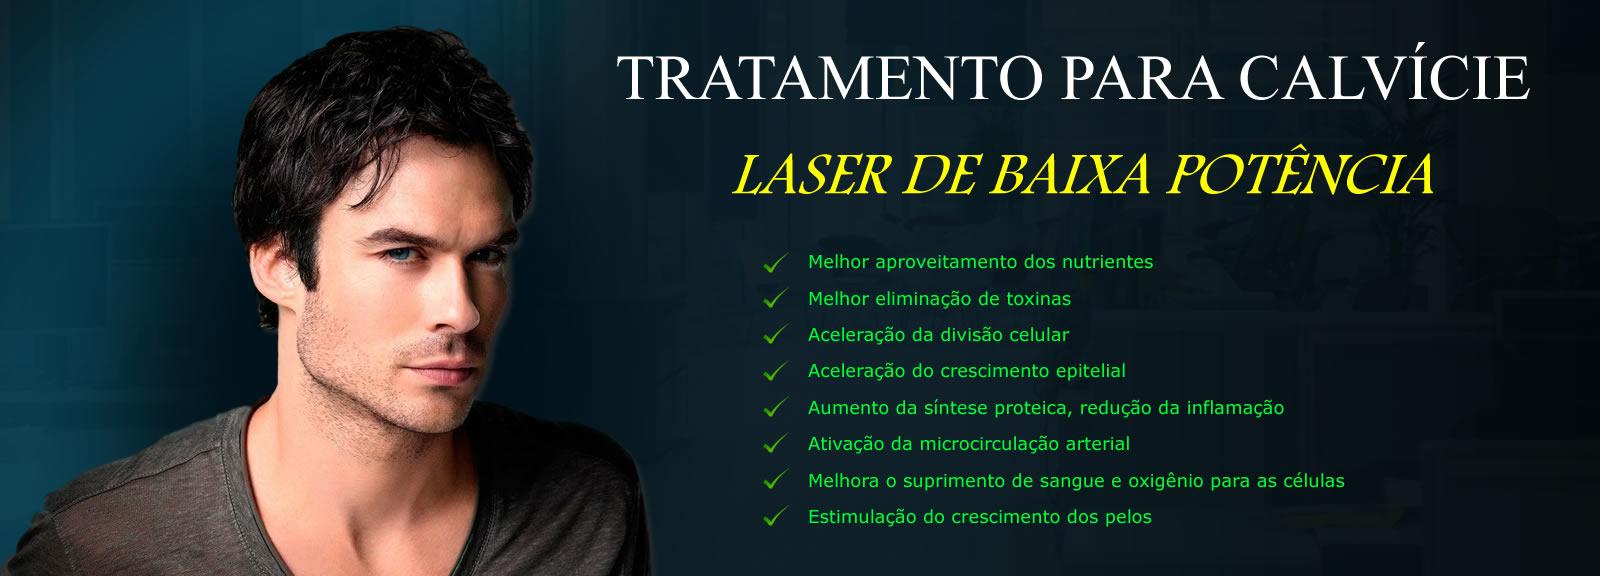 laser de baixa potencia para tratamento de calvicie